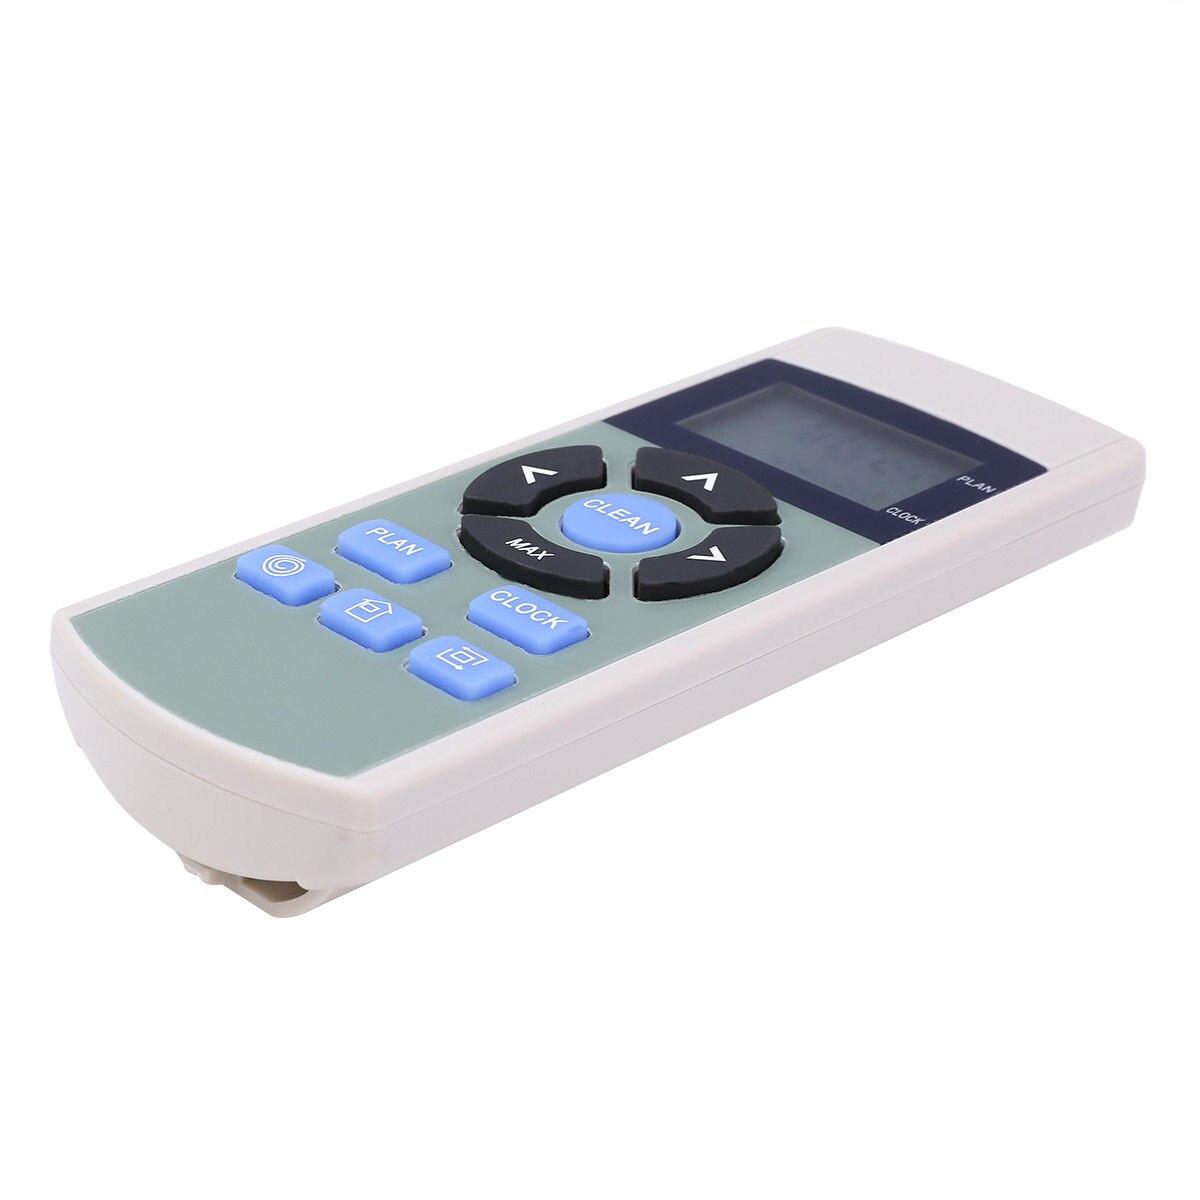 Remote Control For V3s A4 A4s V5 V5s V7 V7s PRO V7s Robotic Vacuum Cleaner